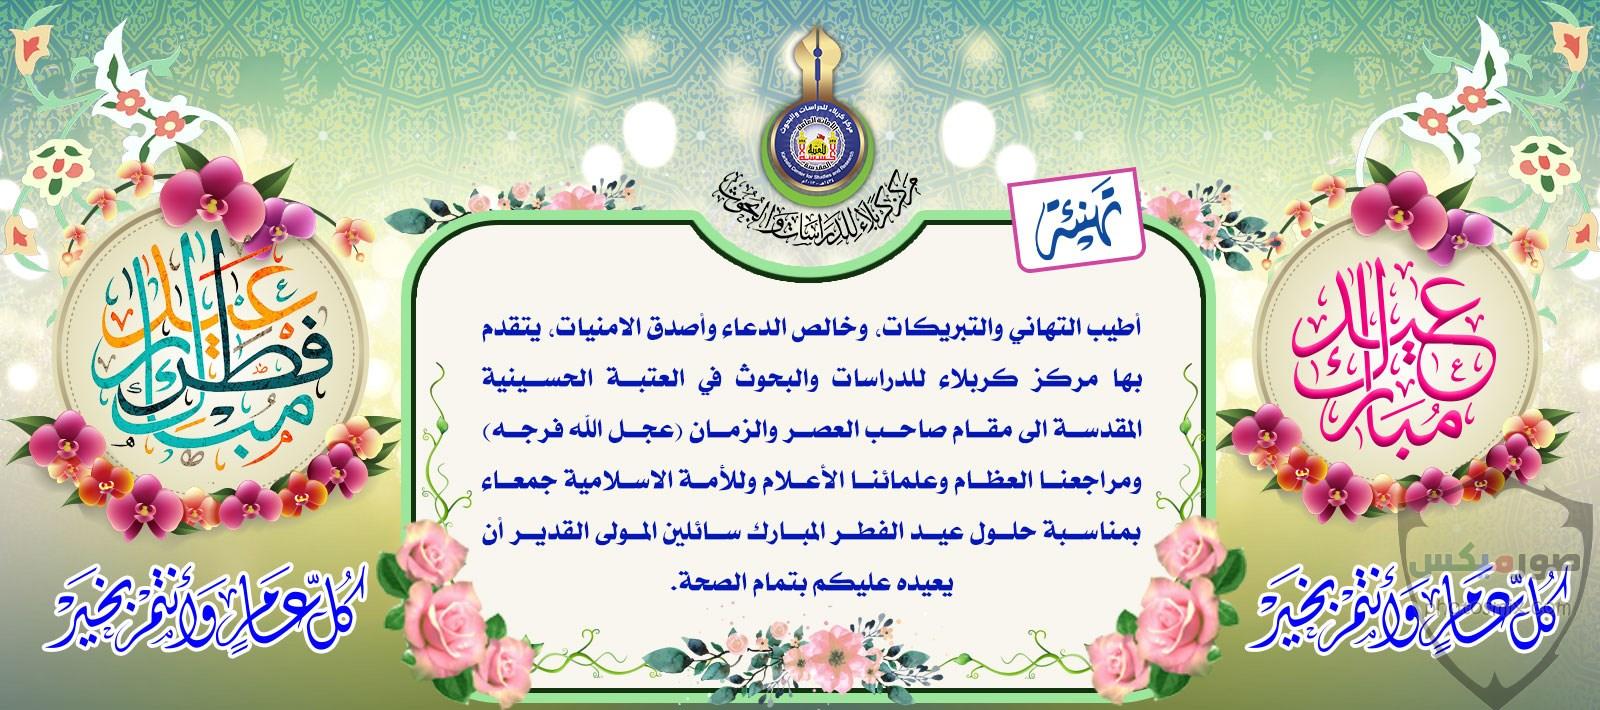 رسائل عيد الفطر المبارك 5